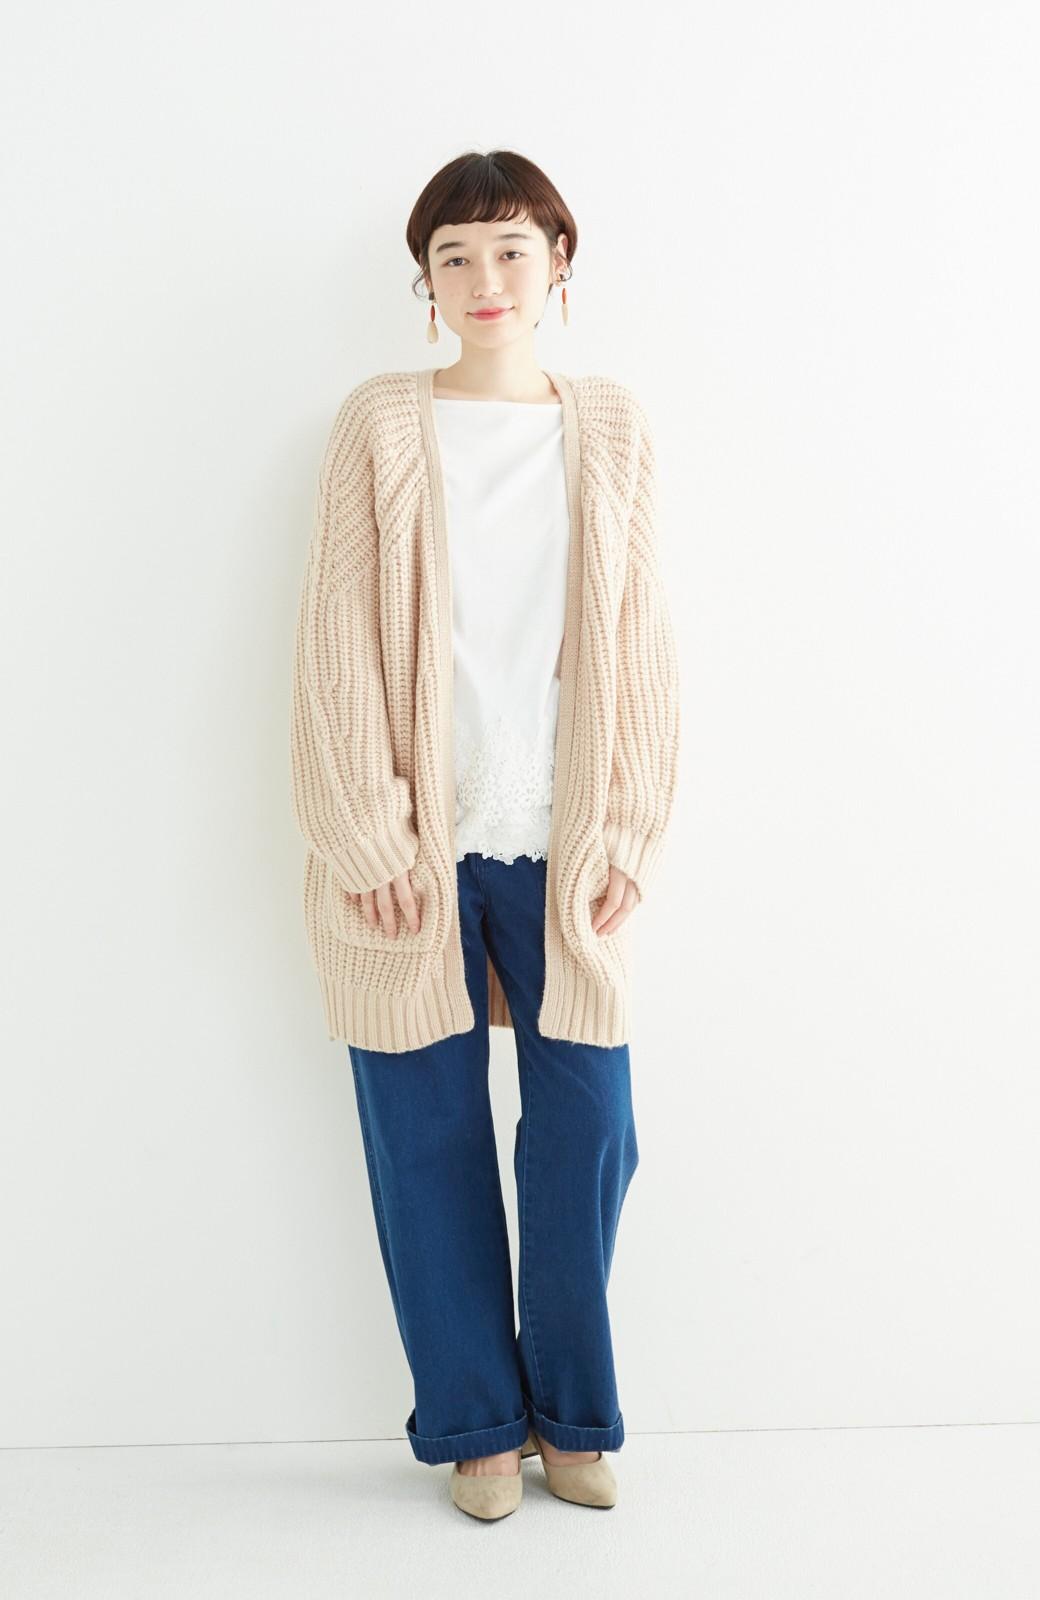 エムトロワ ぱっと羽織るのに便利なざっくり編みカーディガン <ライトベージュ>の商品写真5